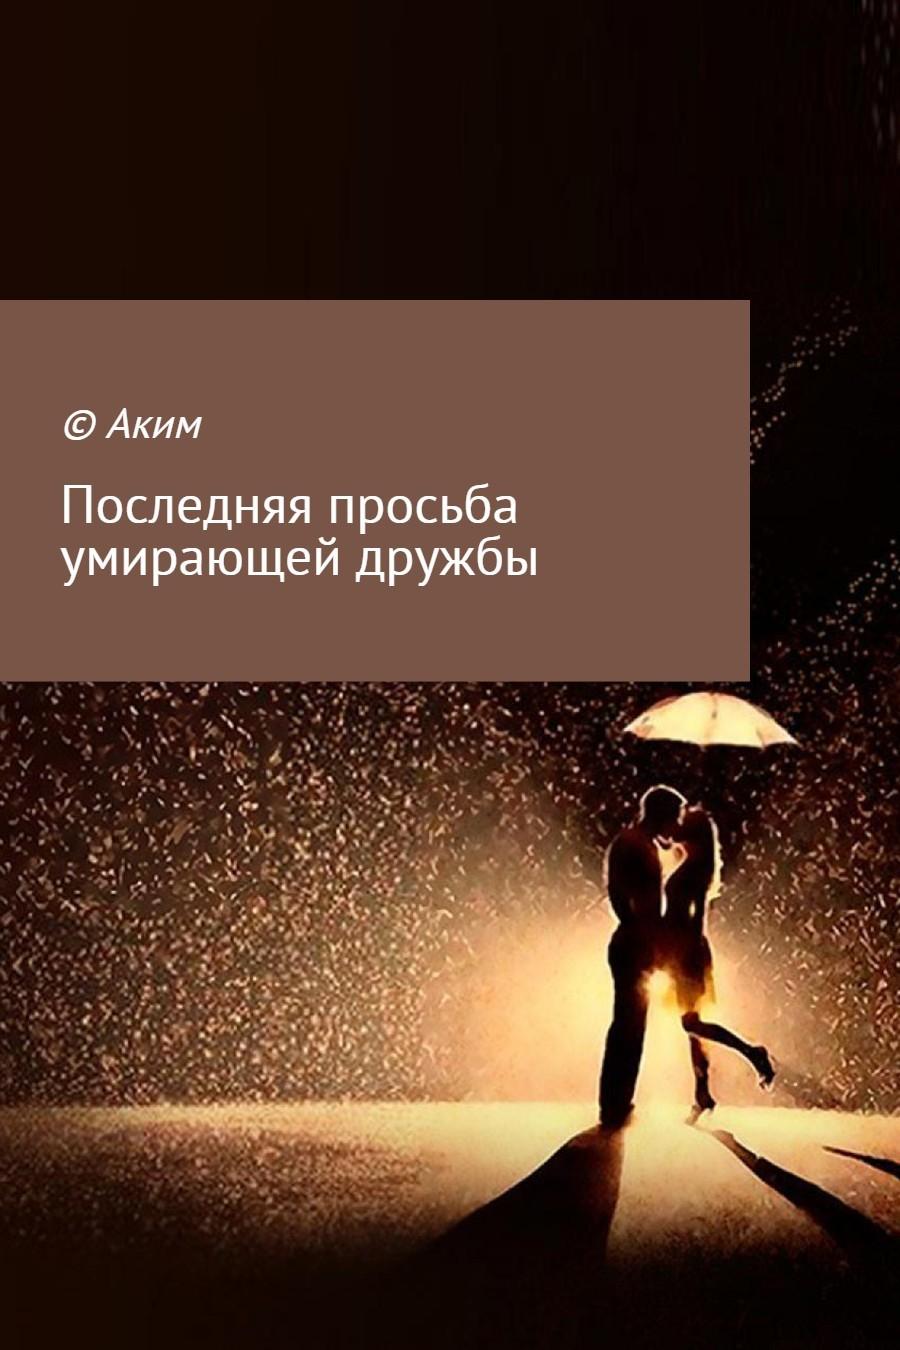 Аким Андреевич Титов Последняя просьба умирающей дружбы что мне из одежды